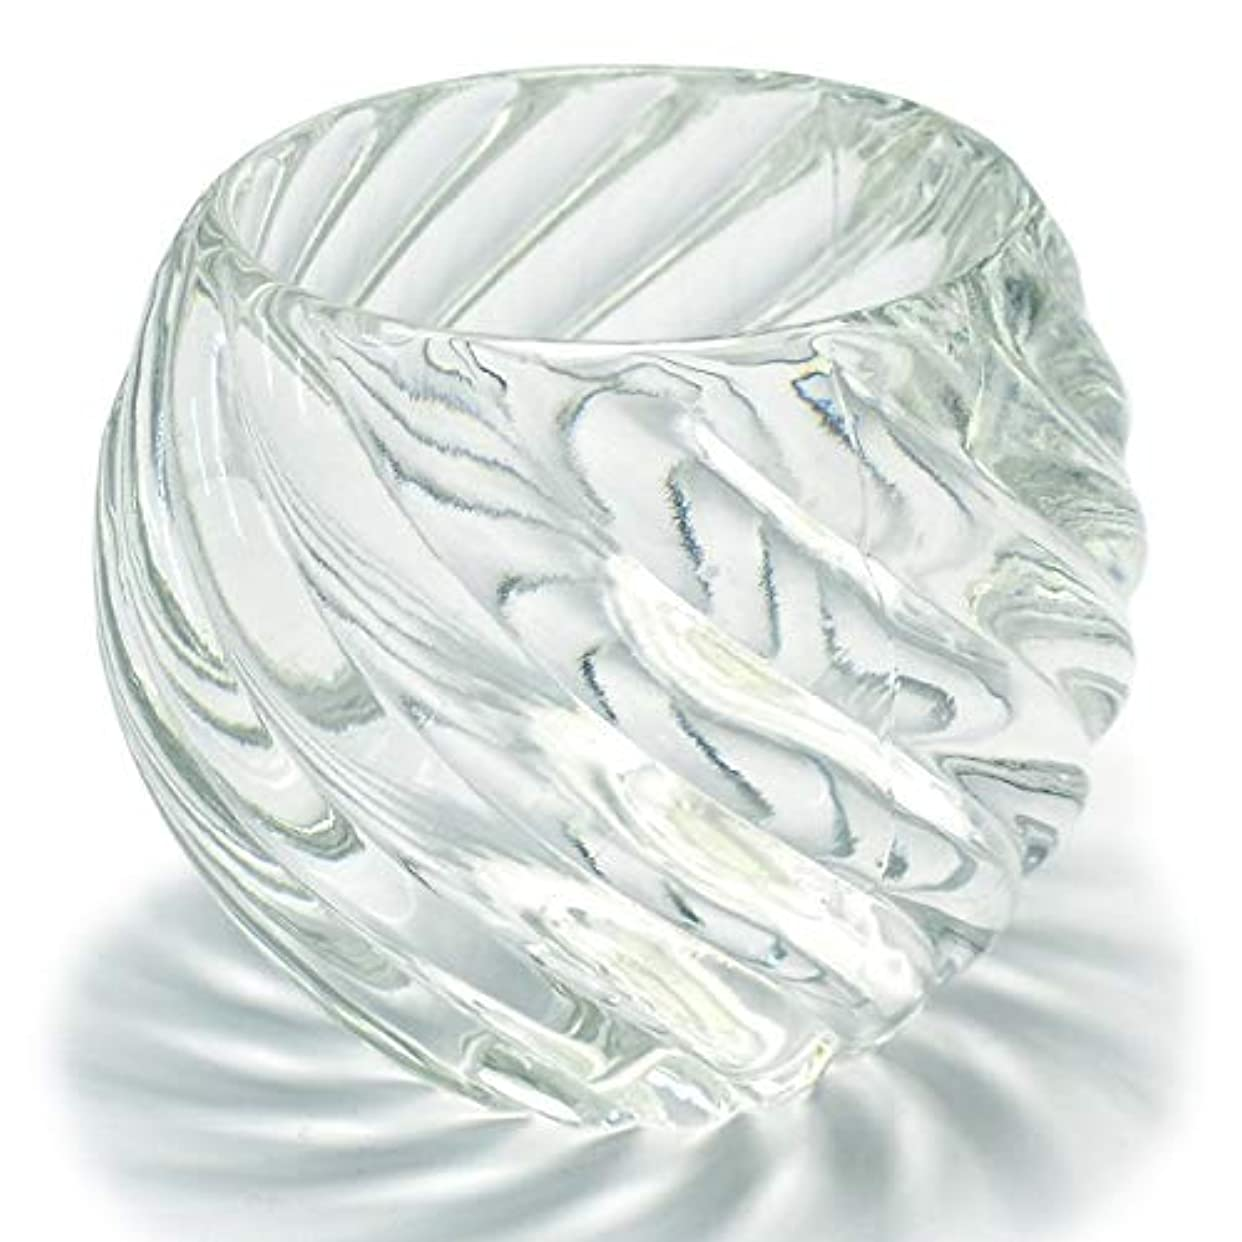 有限予報ベリーキャンドルホルダー ガラス 3 キャンドルスタンド クリスマス ティーキャンドル 誕生日 記念日